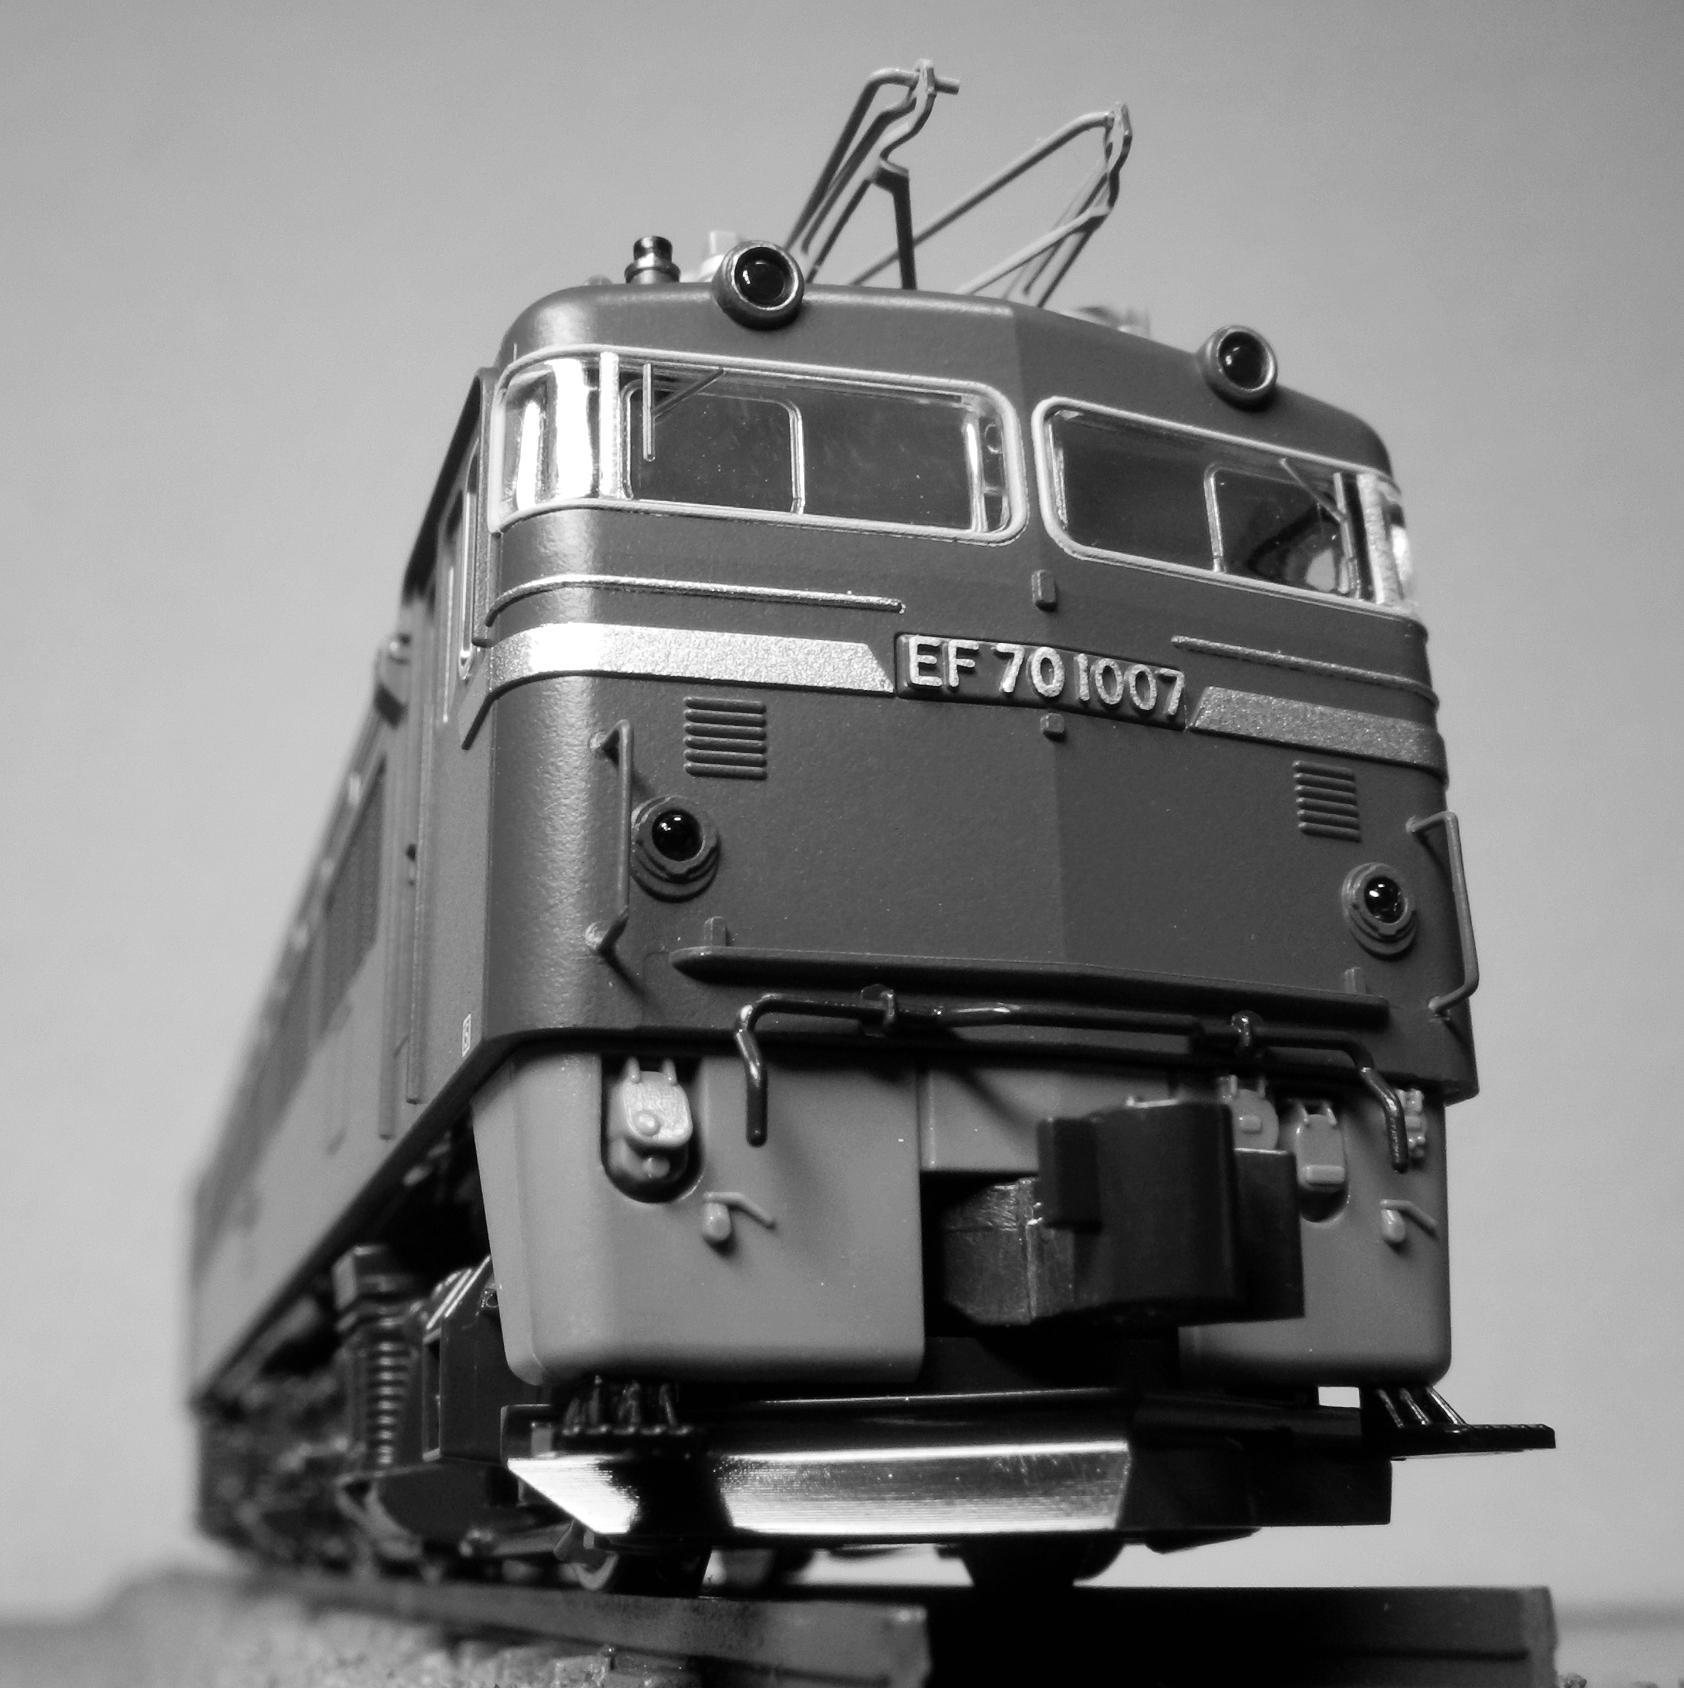 DSCN8009-2.jpg